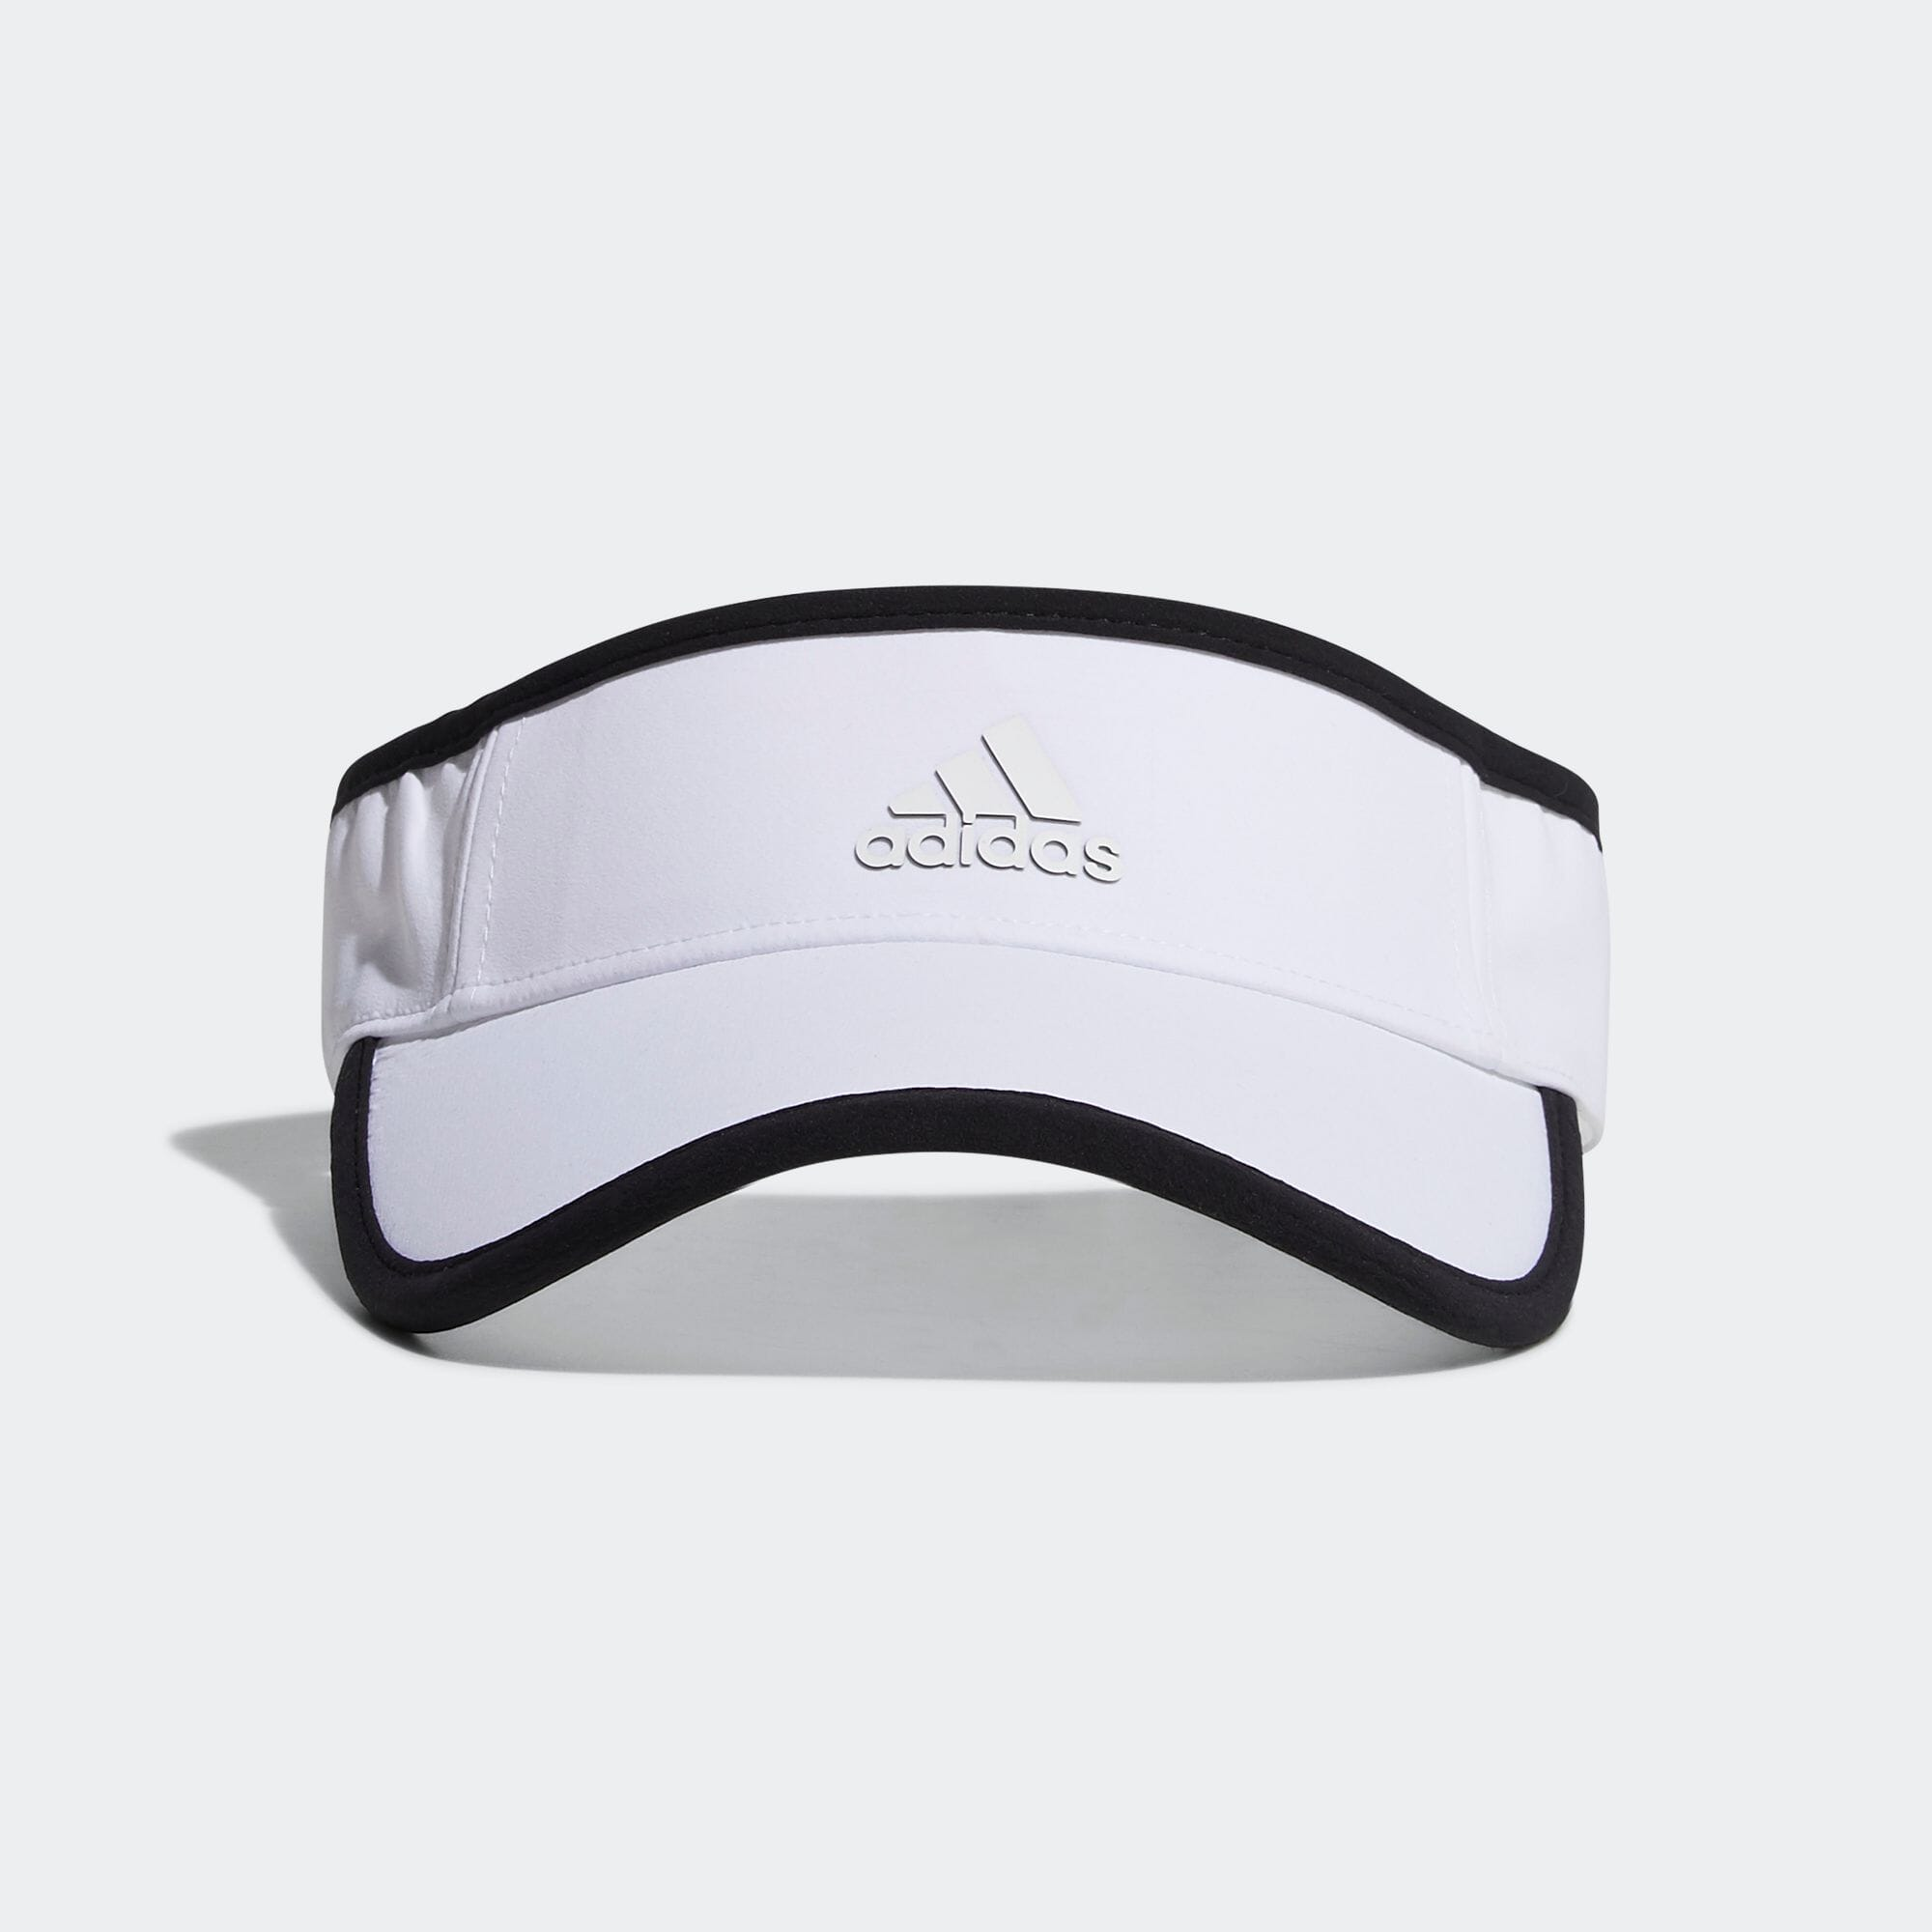 ウィメンズ HEATREADY UVバイザー【ゴルフ】